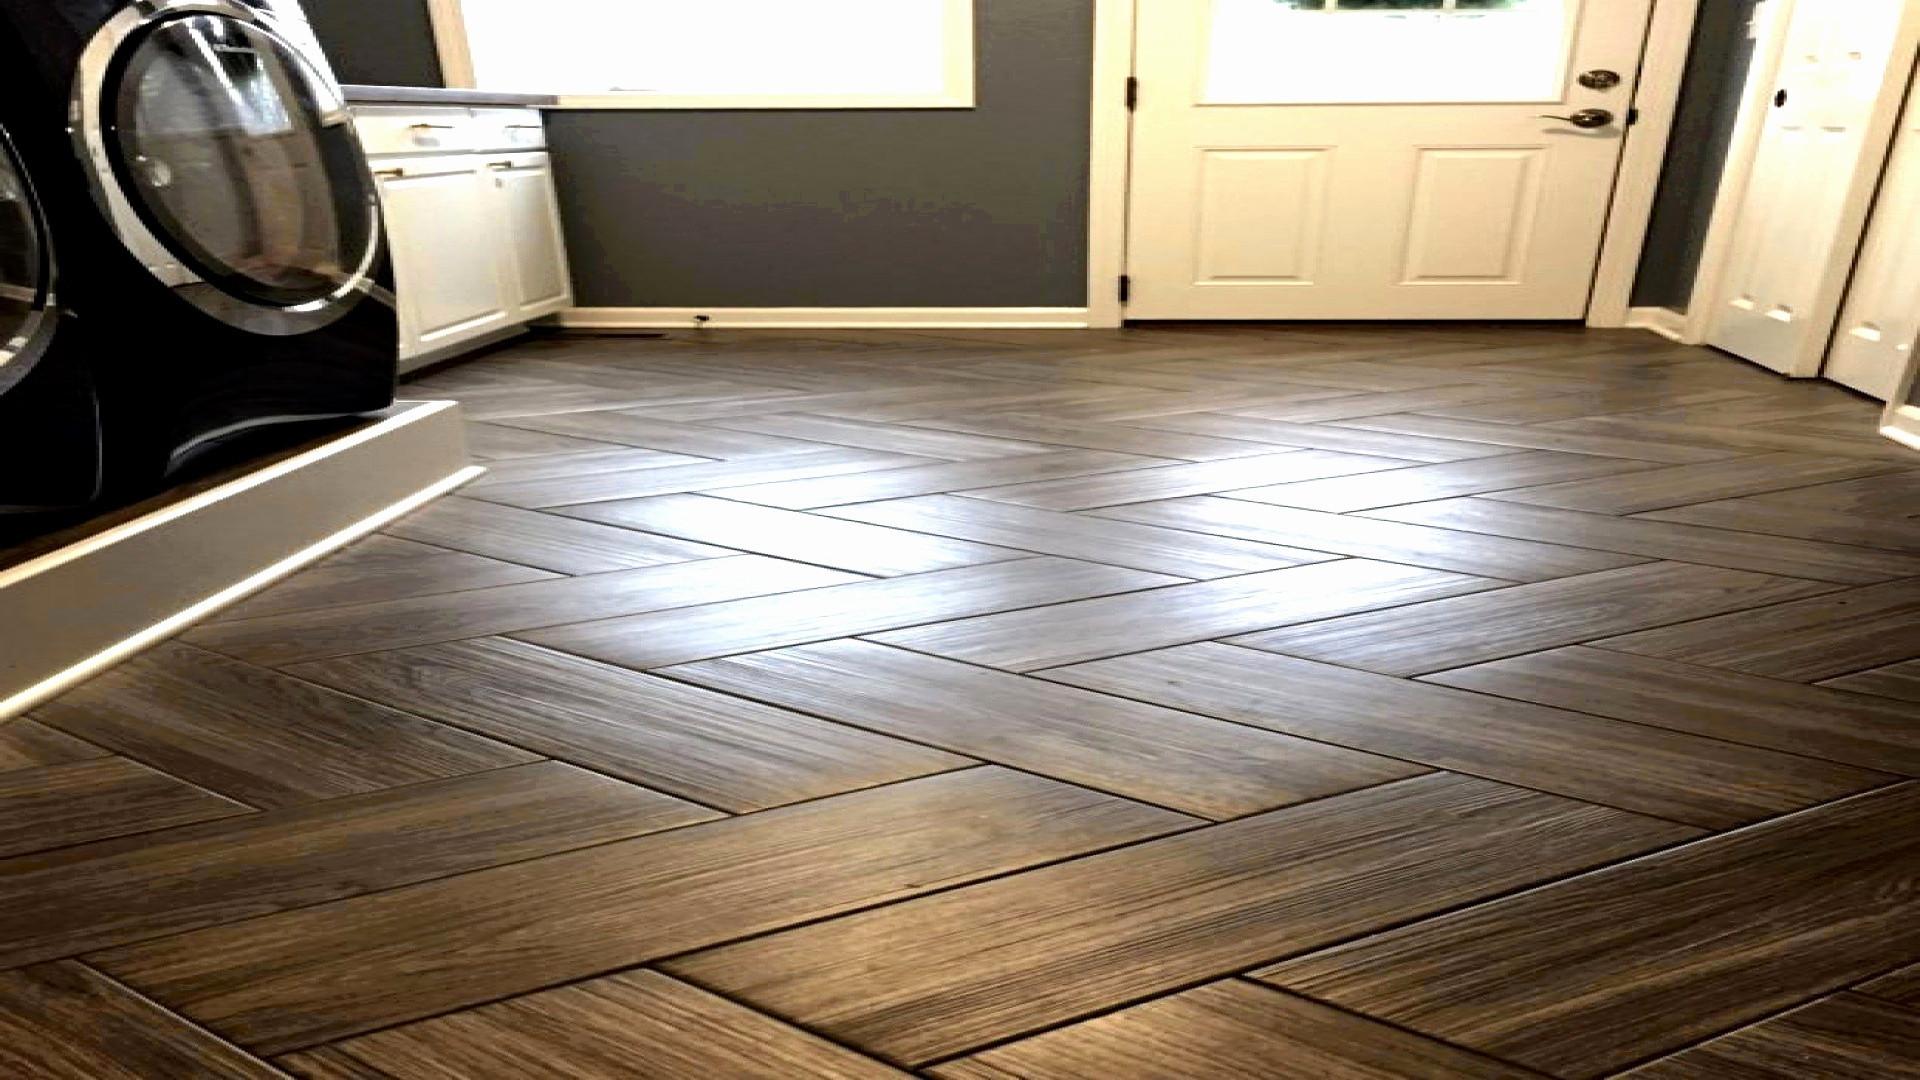 hardwood flooring prices of wood floor contractors floor plan ideas regarding kitchen floor tiles home depot elegant s media cache ak0 pinimg 736x 43 0d 97 best wooden flooring price